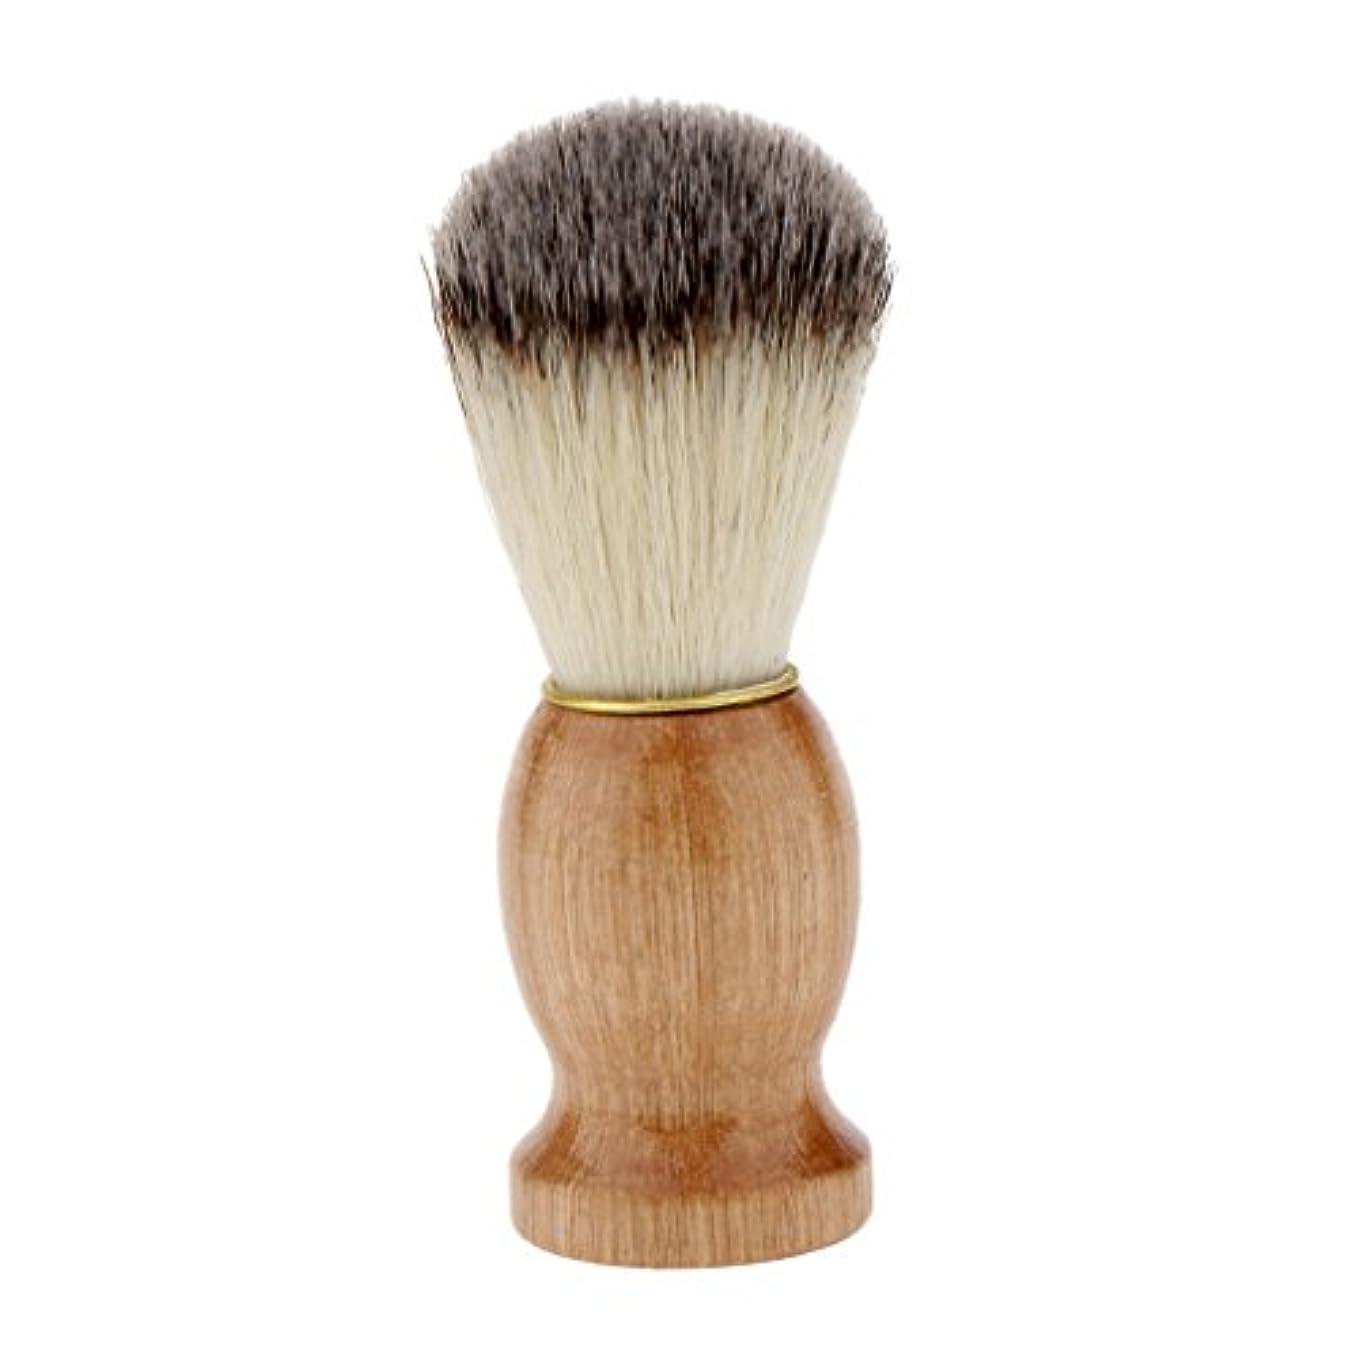 正確さアーティキュレーション主張男性ギフト剃毛シェービングブラシプロ理髪店サロン剛毛ブラシウッドハンドルダストクリーニングツール